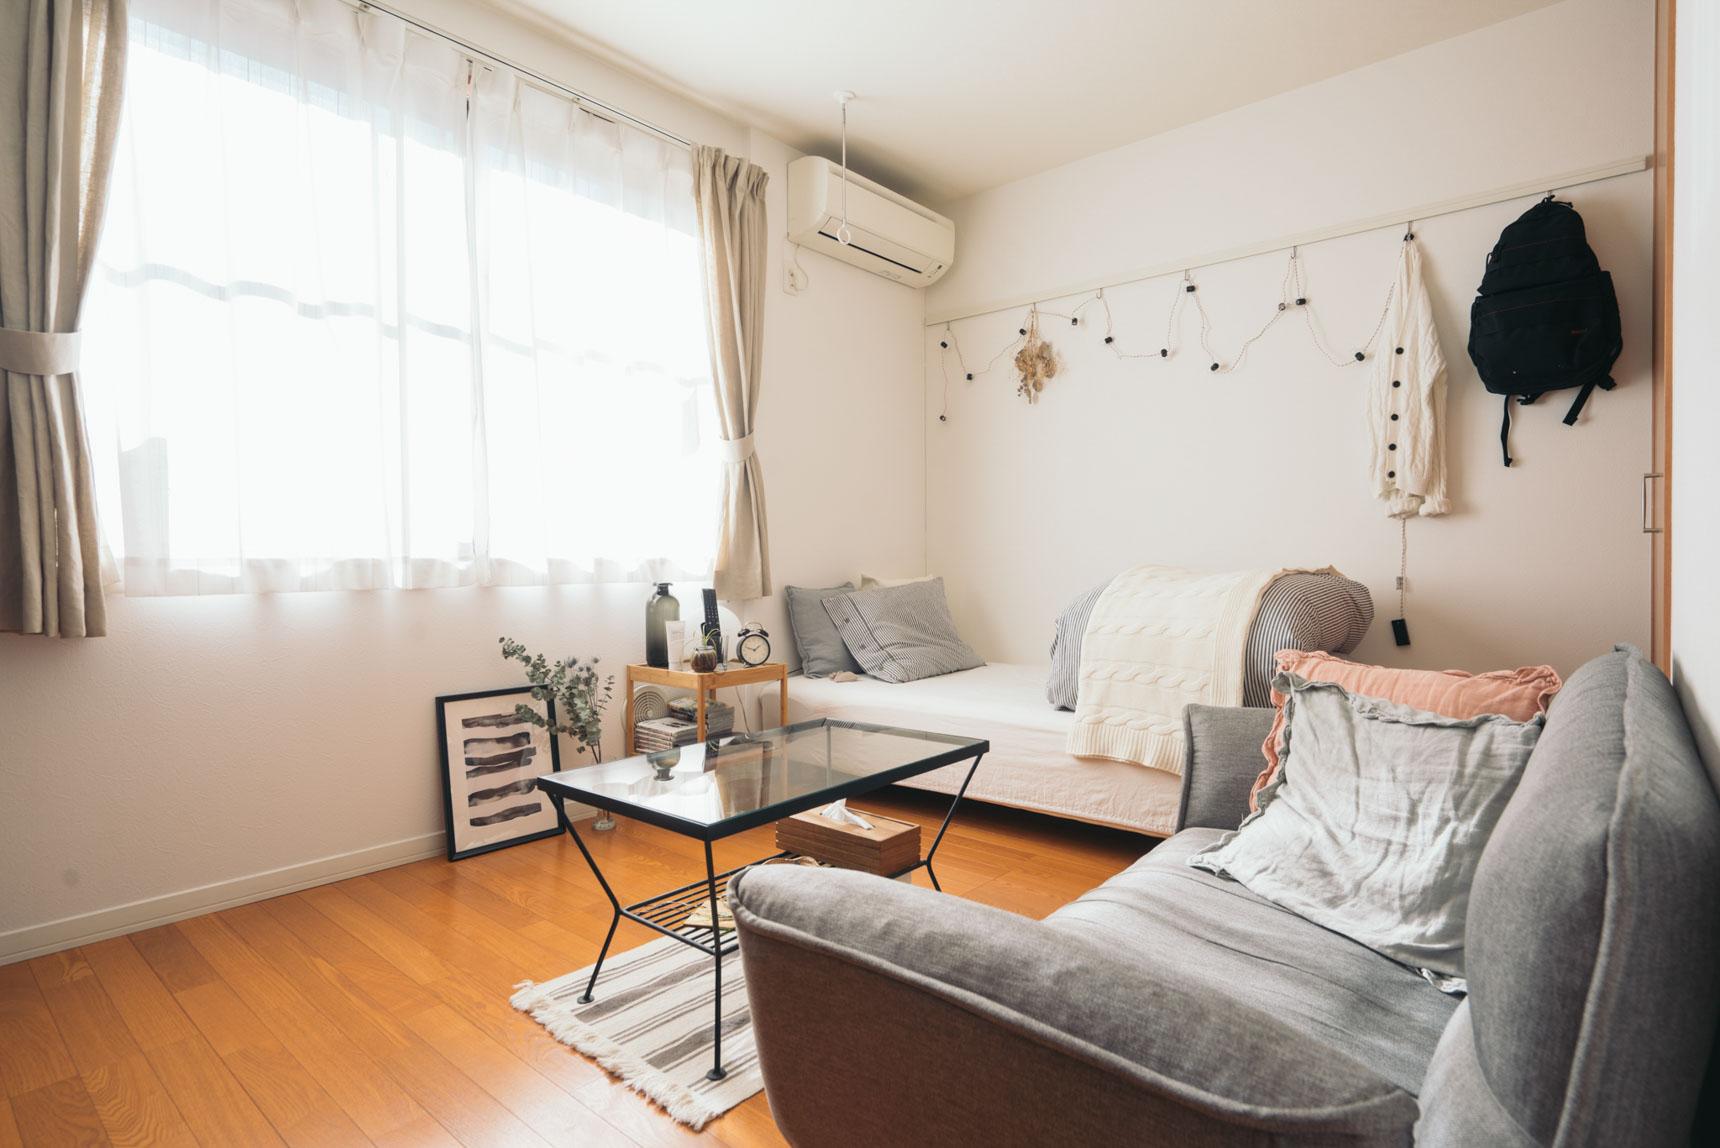 少しでも広く、使いやすく。ワンルーム・1Kの家具配置、パターン別まとめ